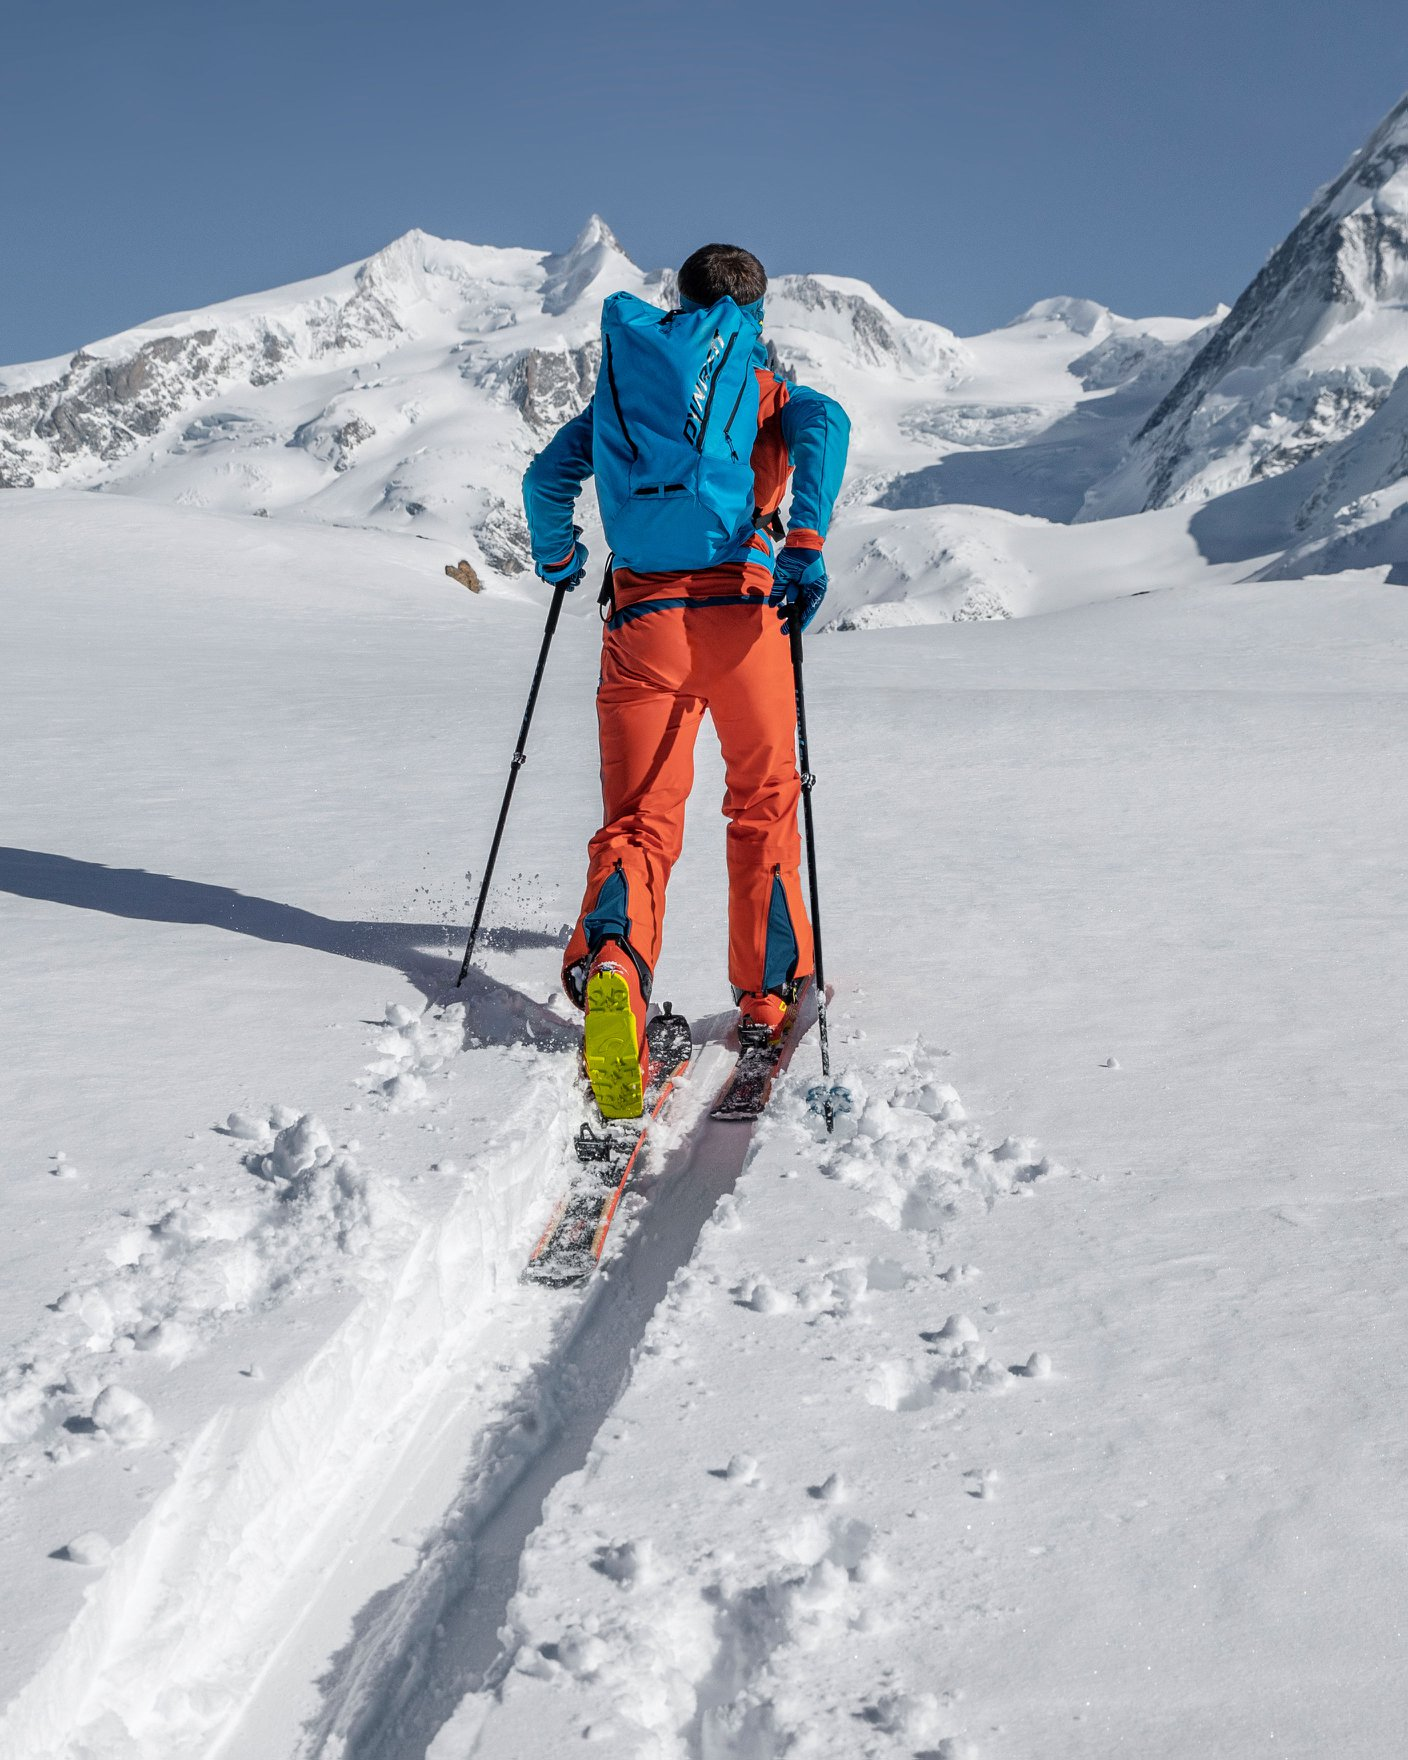 Zestaw skitourowy Dynafit (fot. dynafit.com)